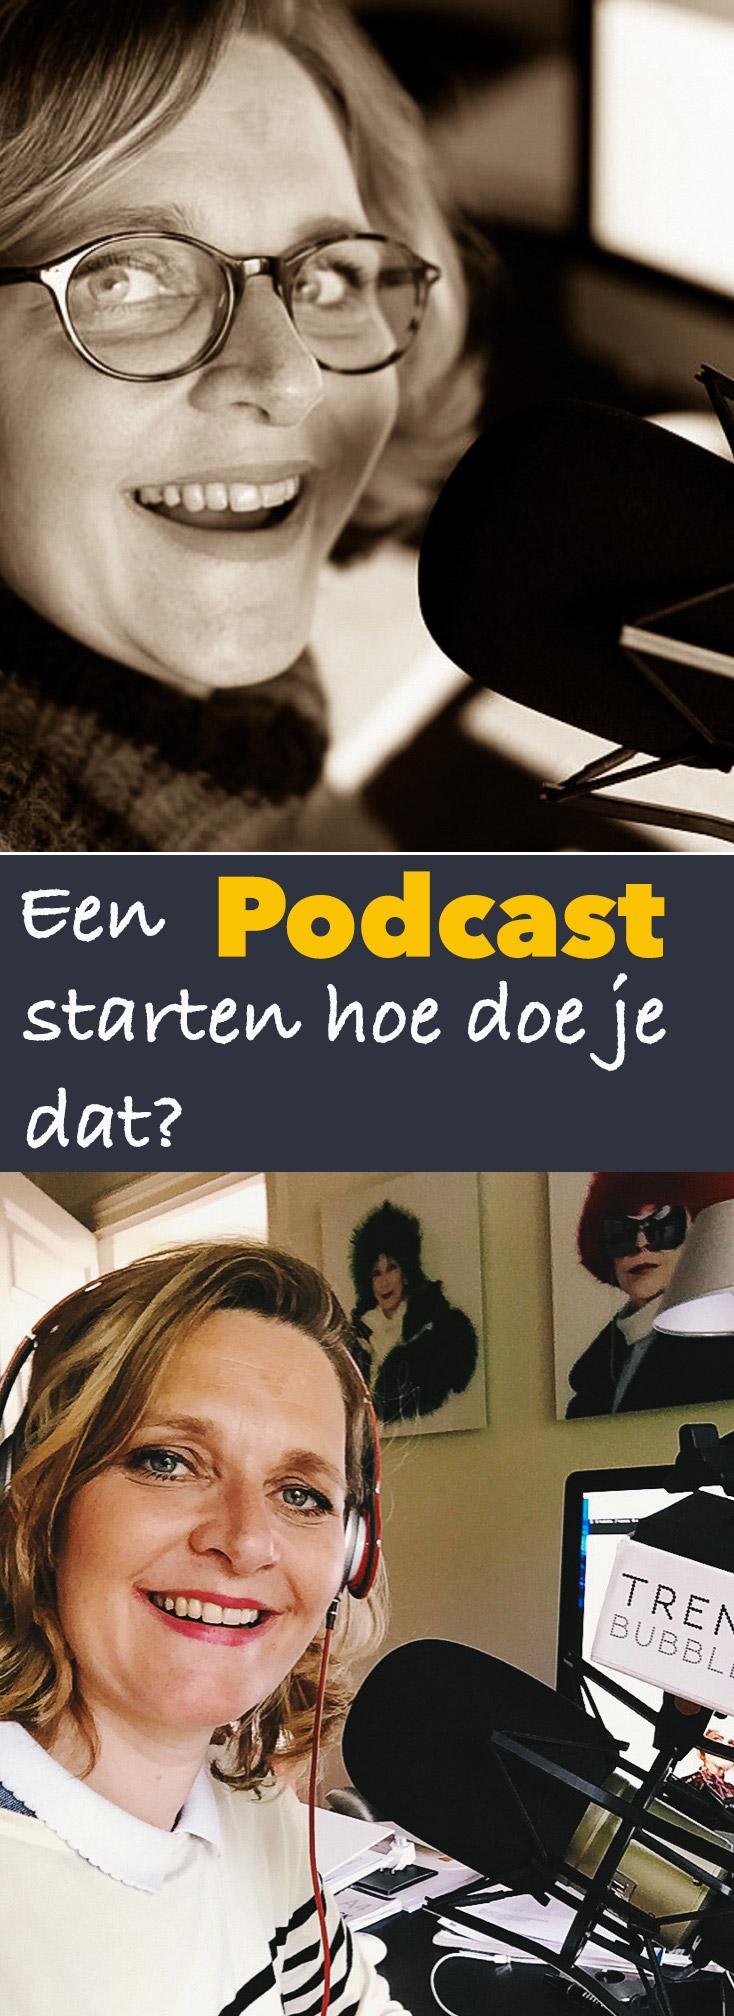 Een-podcast-beginnen-hoe-doe-je-dat--2-